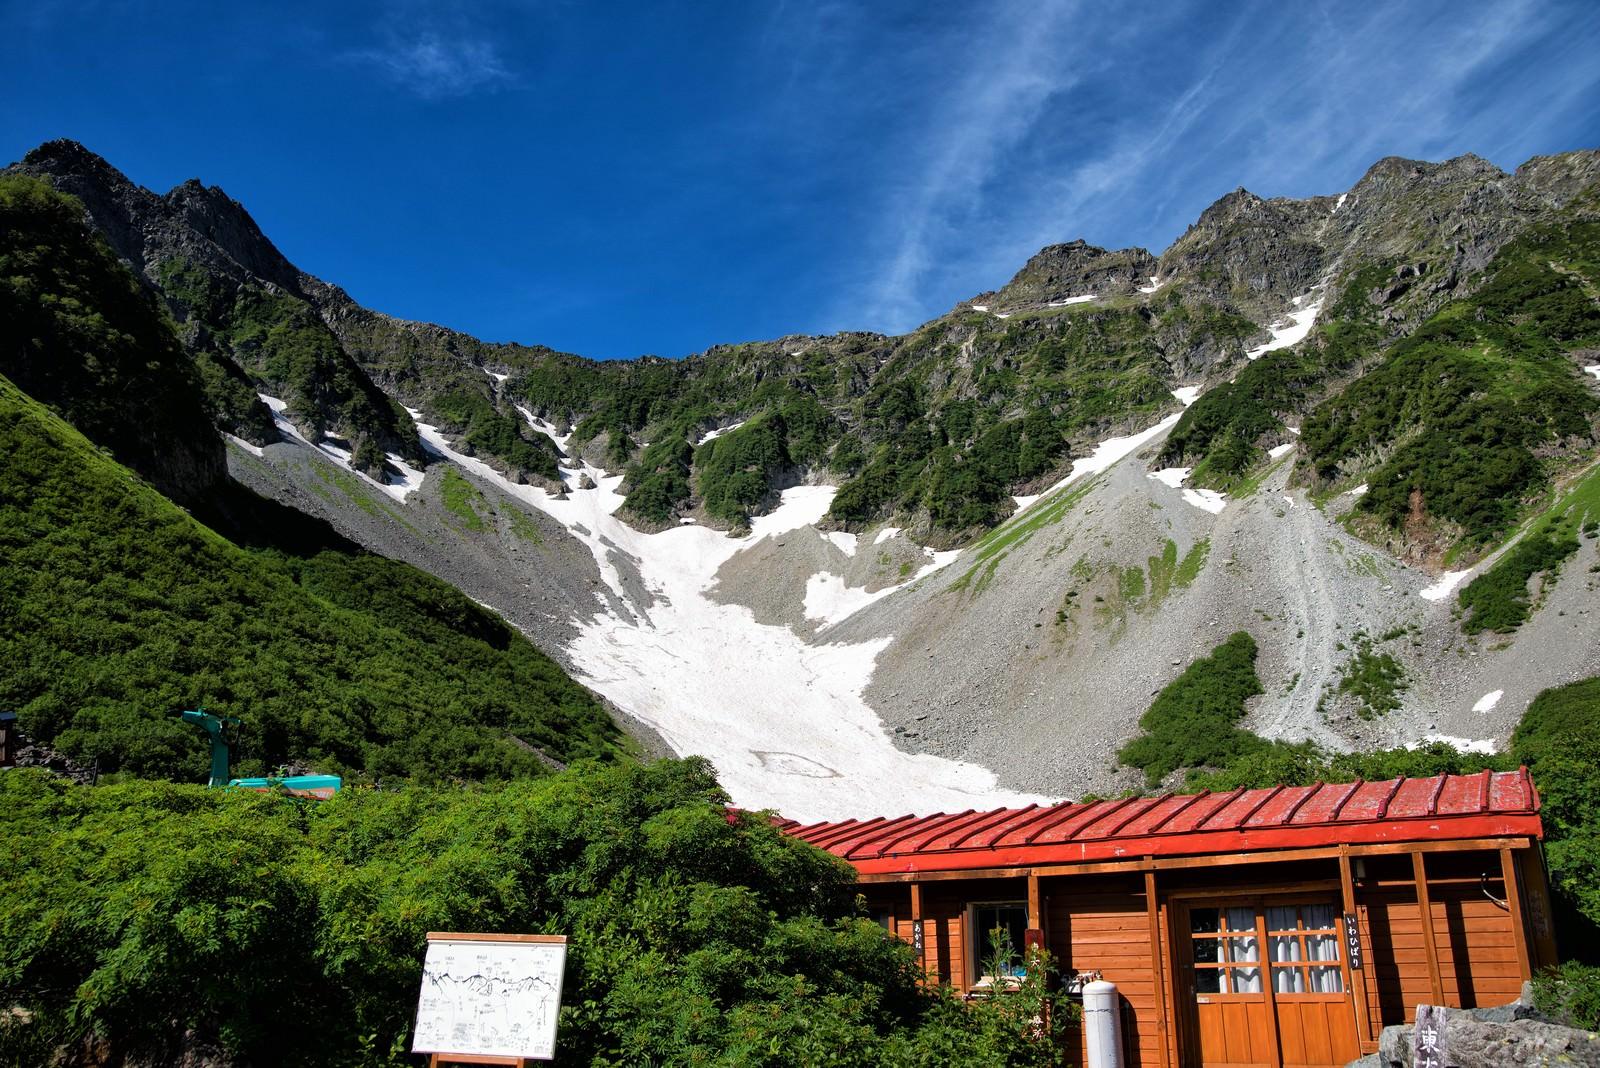 「涸沢にある雪渓が見える診療所(いわひばり)」の写真